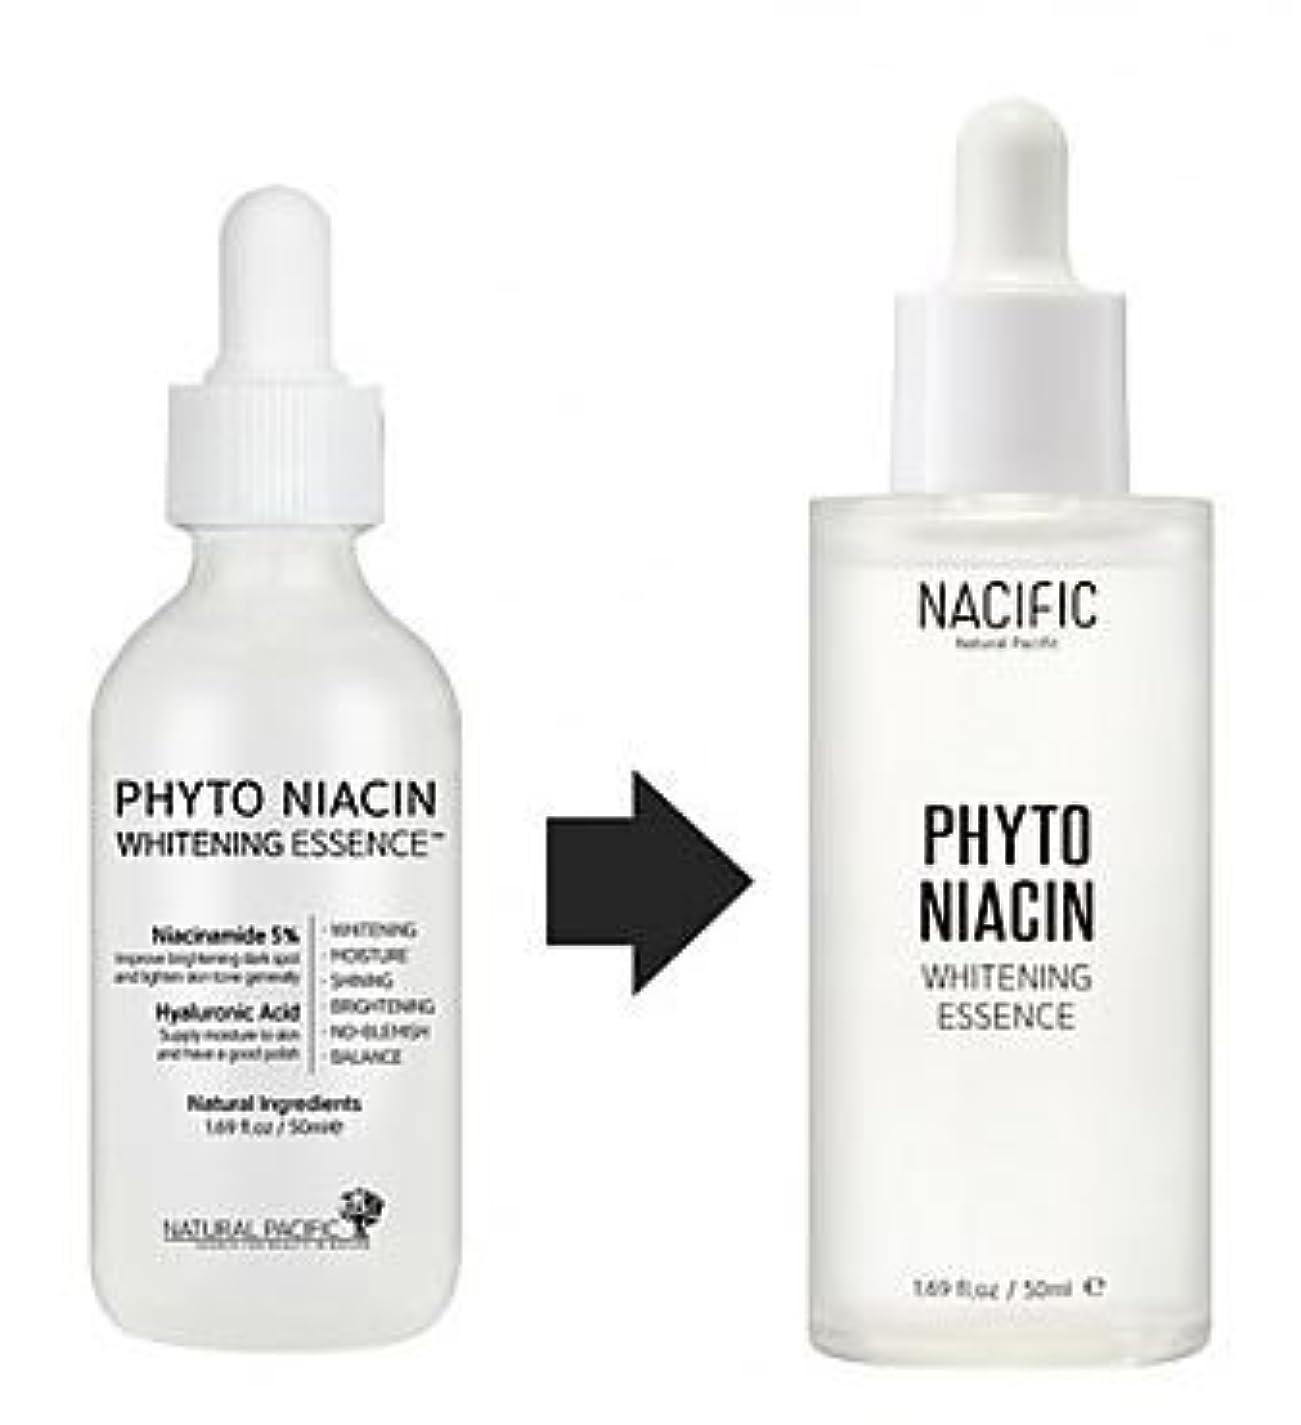 エレベーター大宇宙メトリック[NACIFIC]Phyto Niacin Whitening Essence 50ml/ナチュラルパシフィック フィト ナイアシン ホワイトニング エッセンス 50ml [並行輸入品]